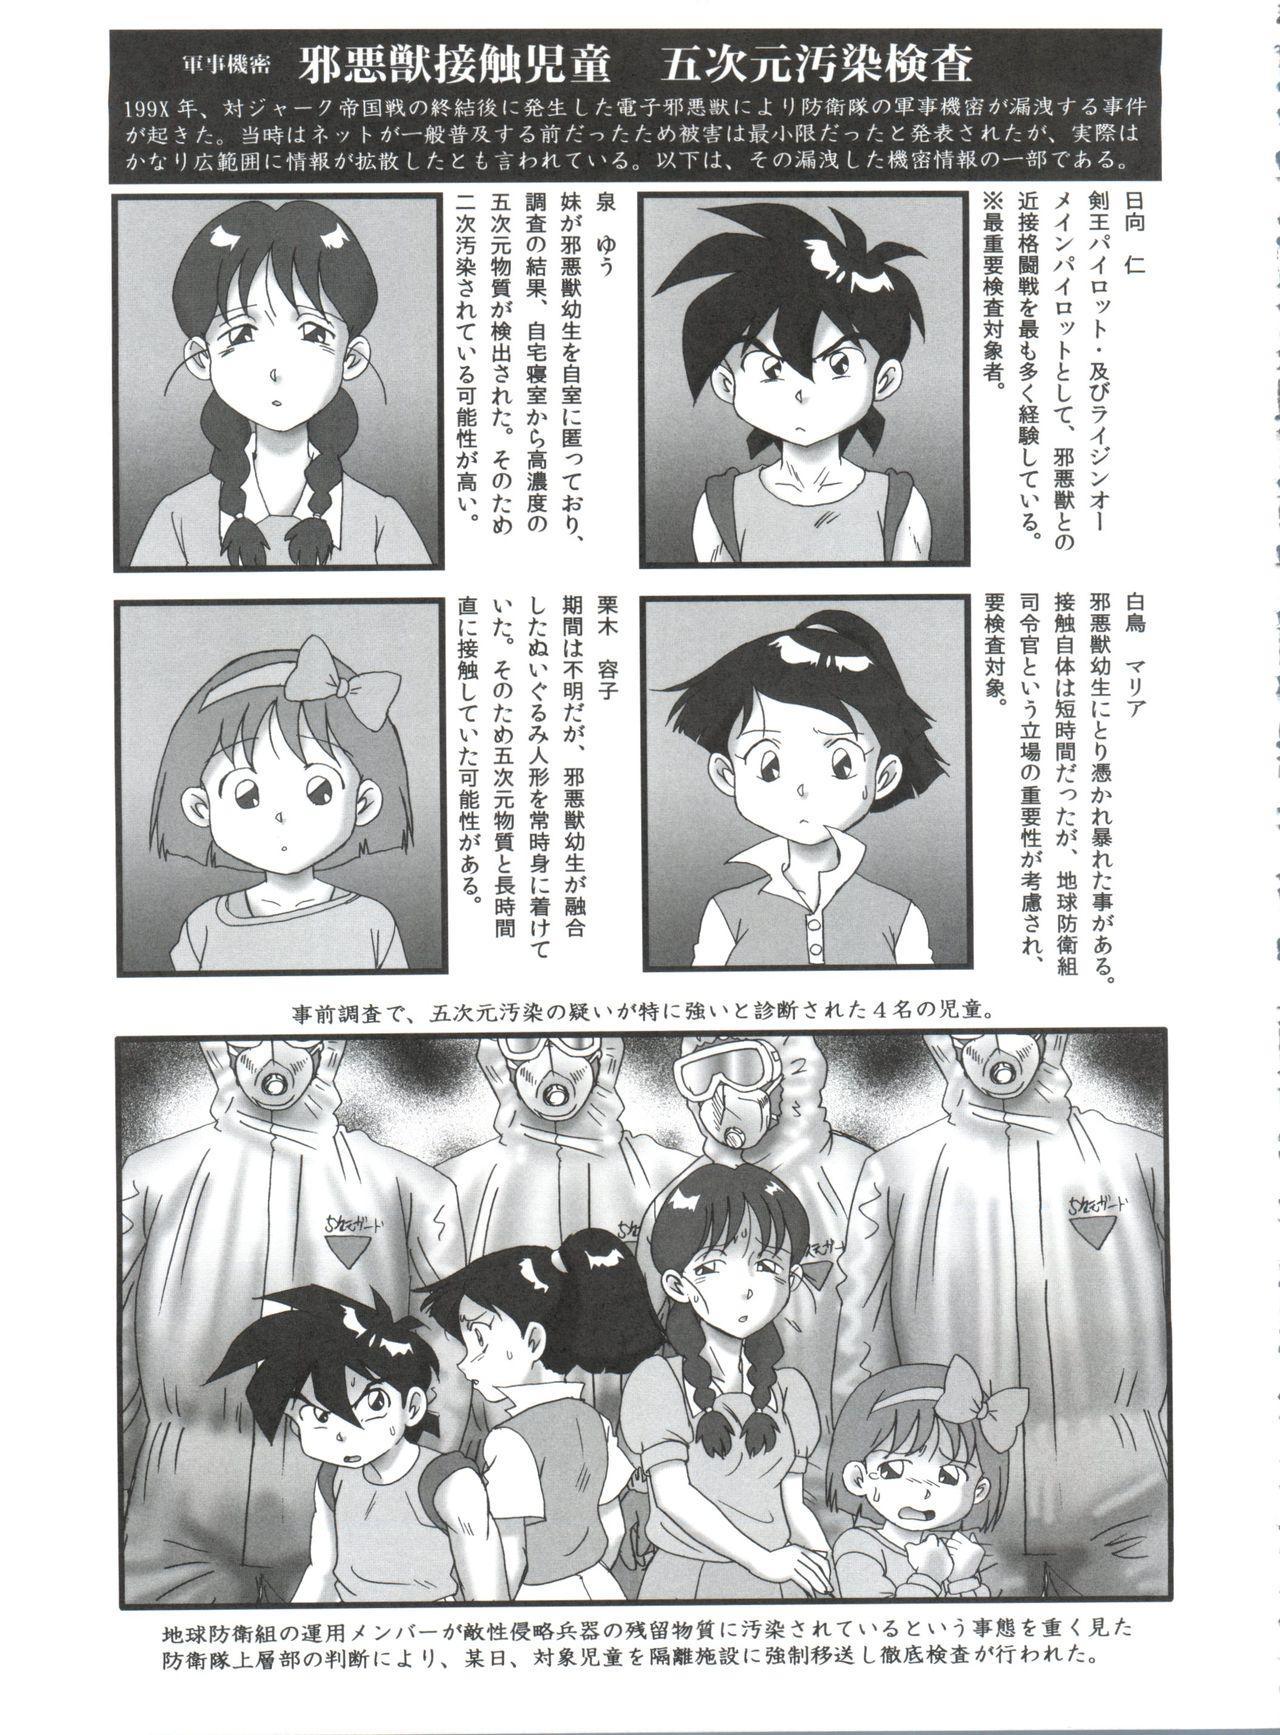 Tanoshii Koto o Naisho ni Shiyou. Kanzenban 5